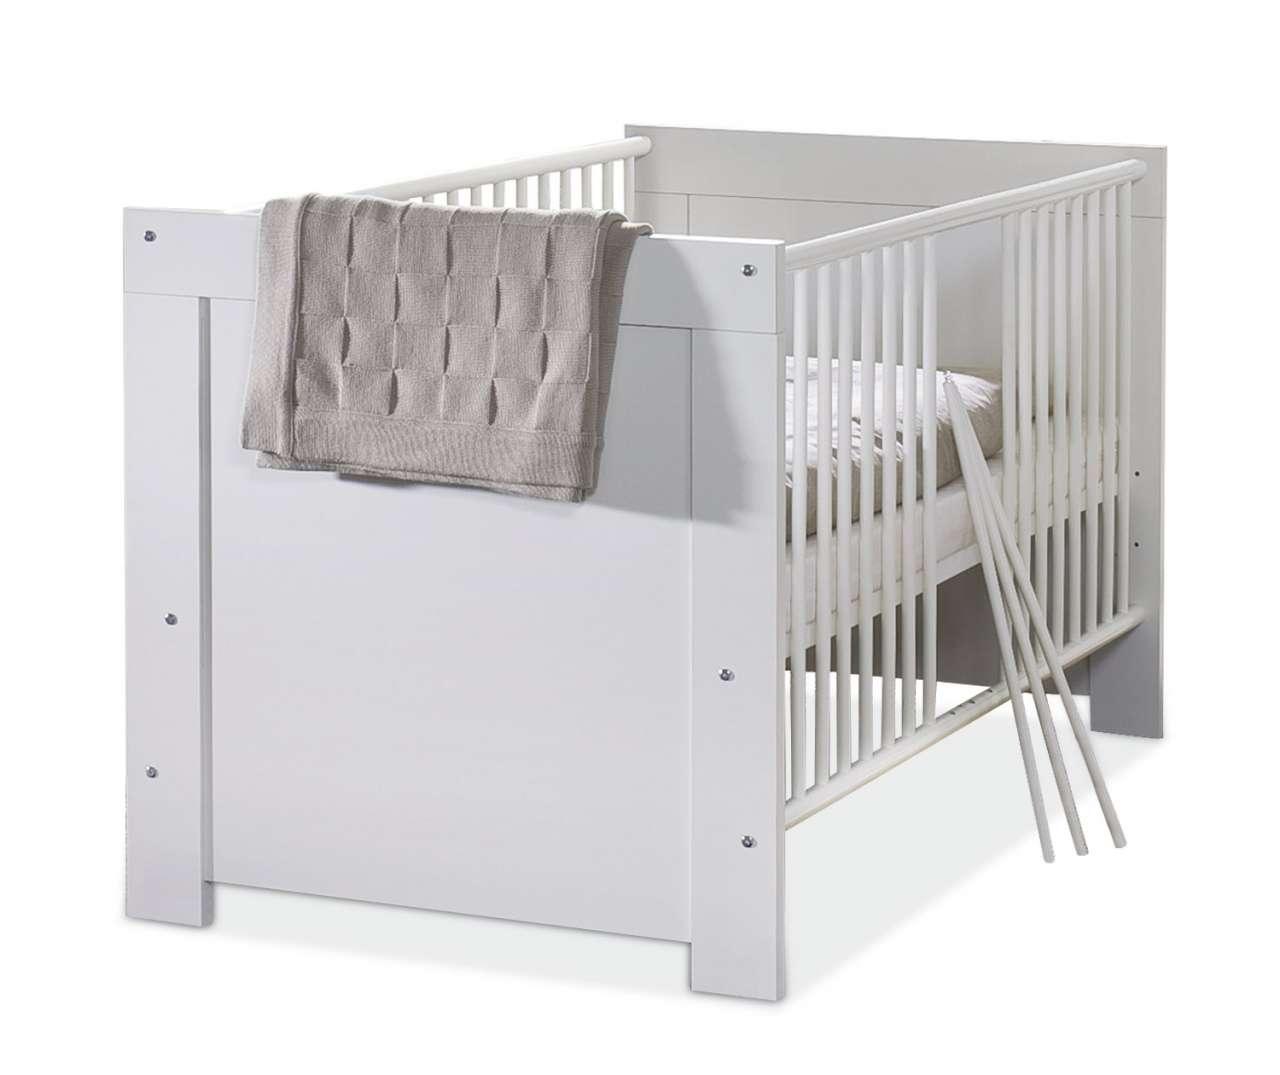 moebel-jack.de Babybett NORA, Weiß matt Dekor, 70x140 cm